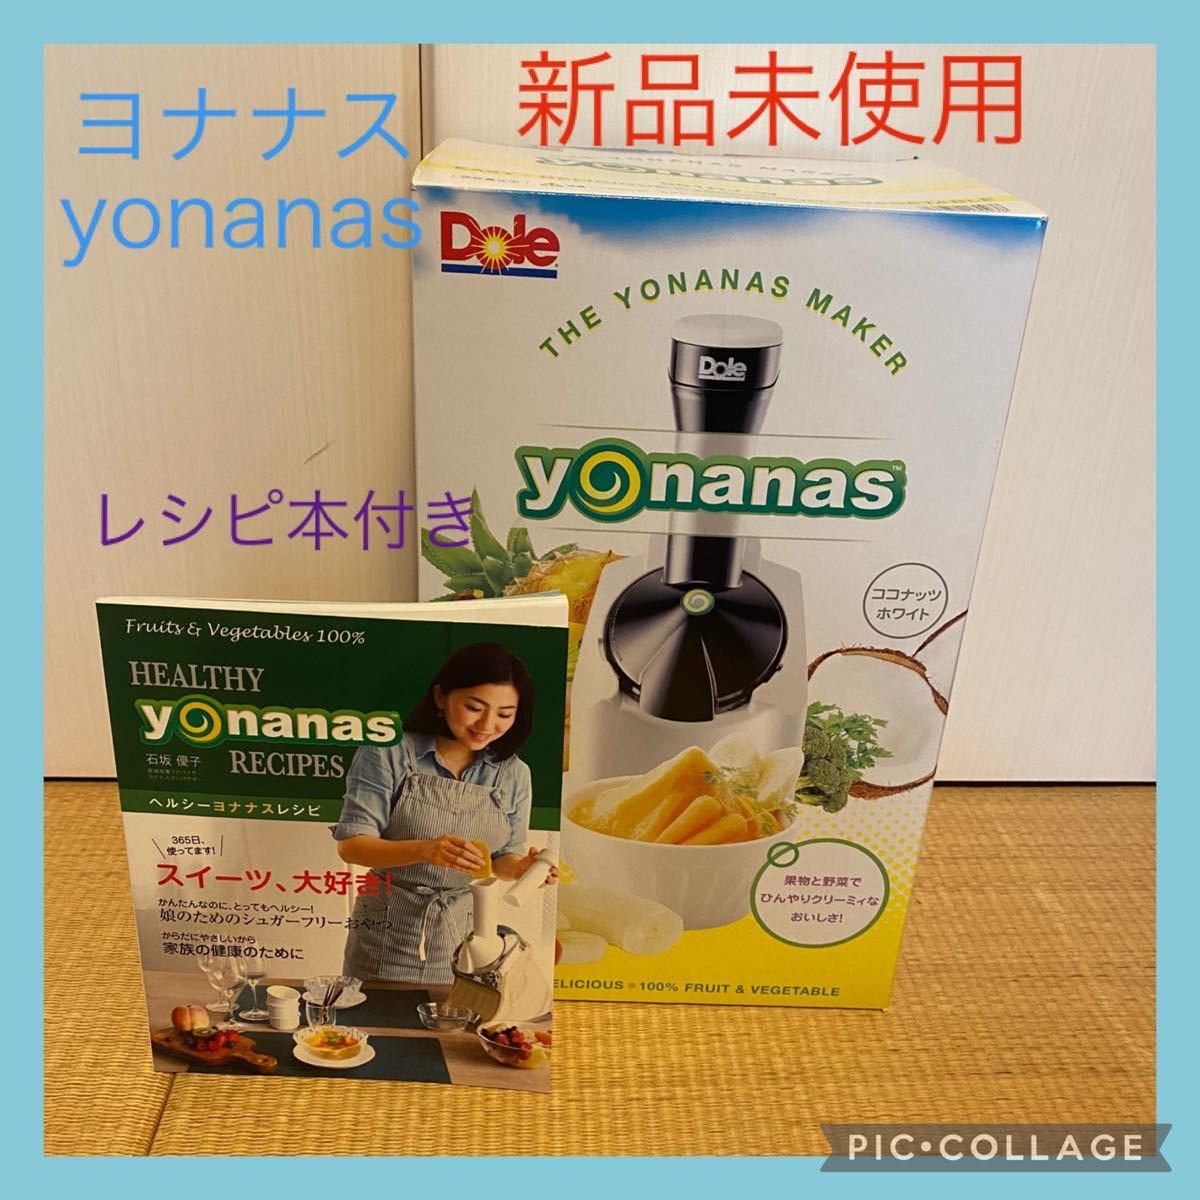 新品未使用★Dole ヨナナス yonanas シャーベットメーカー レシピ本  ヨナナスメーカー